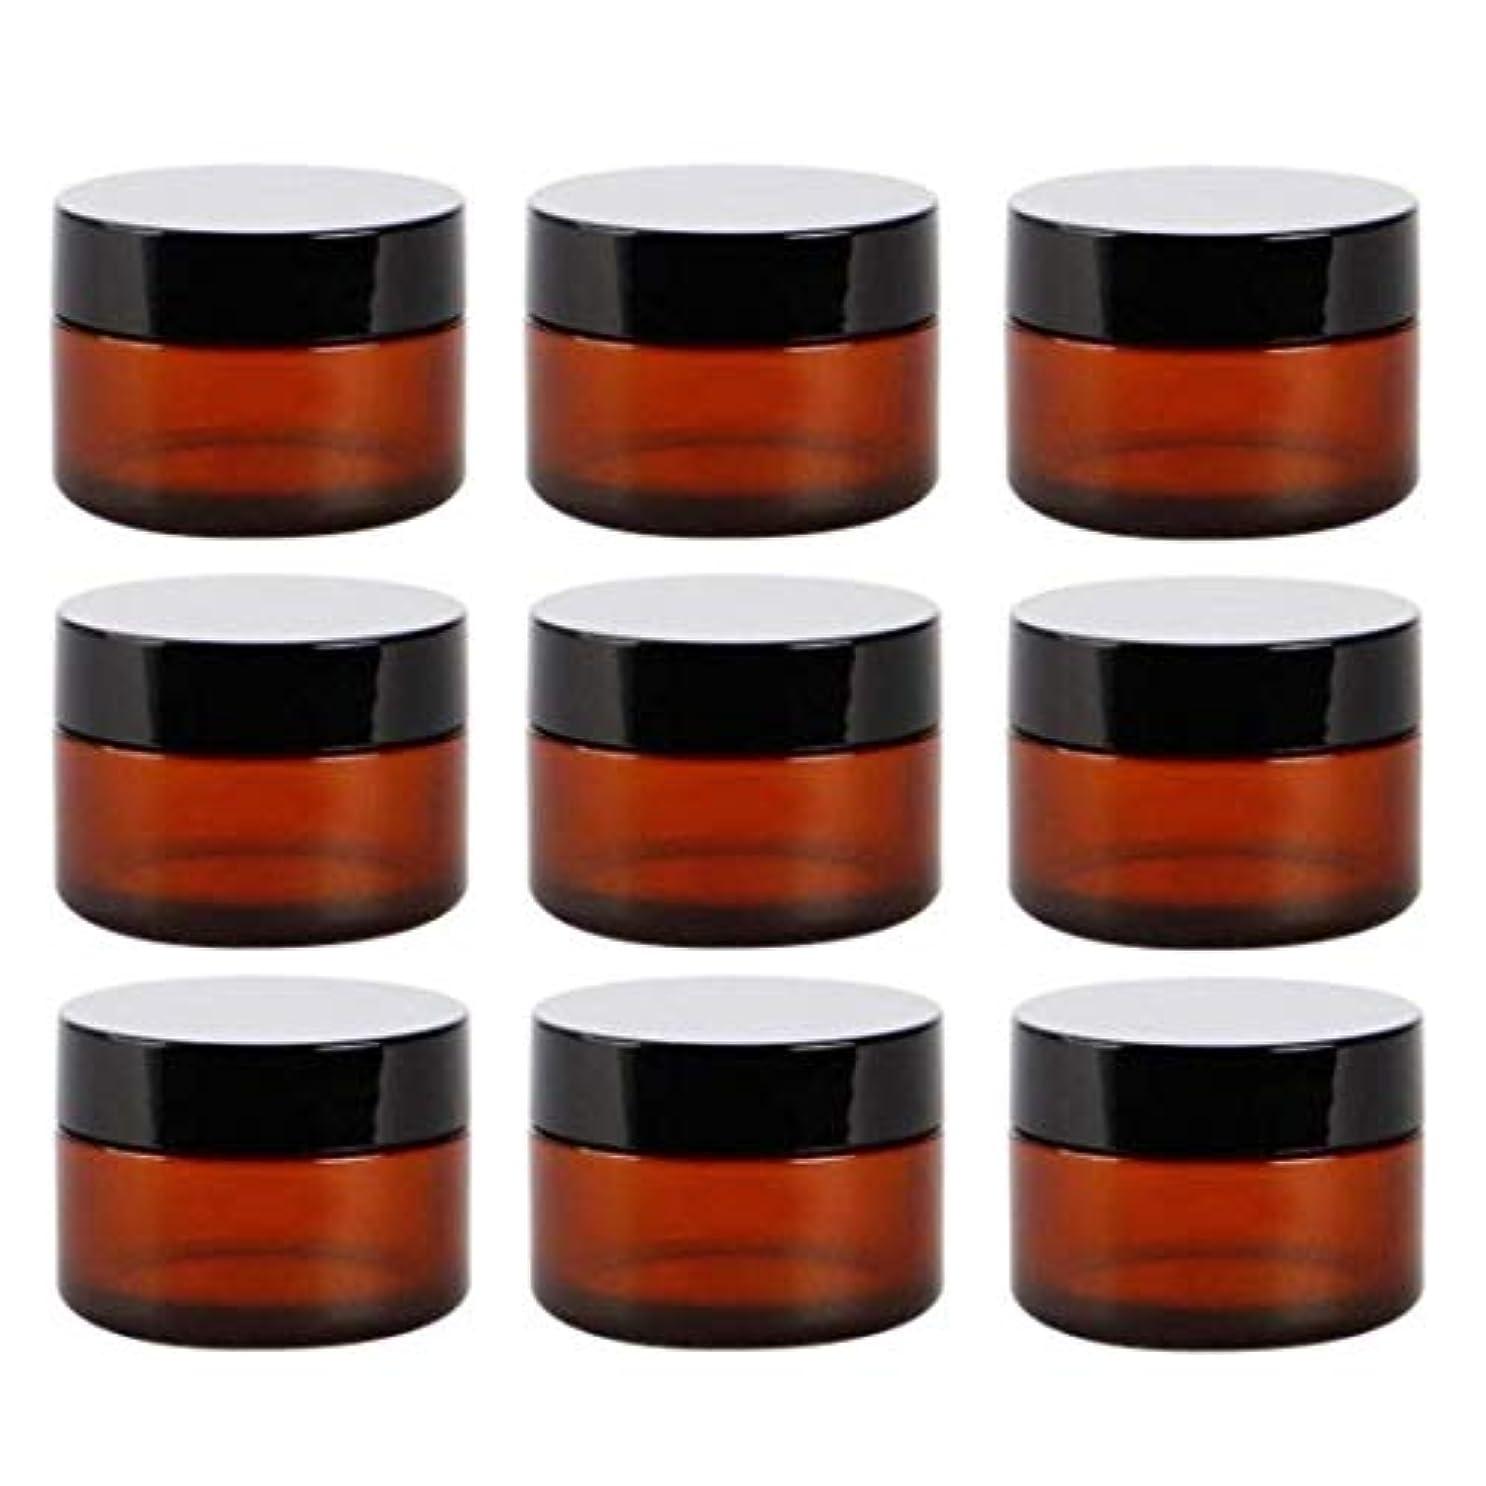 失われたリベラル脅迫アロマオイル 精油 香水やアロマの保存 小分け用 遮光瓶 詰替え ガラス製 9本セット茶色10g